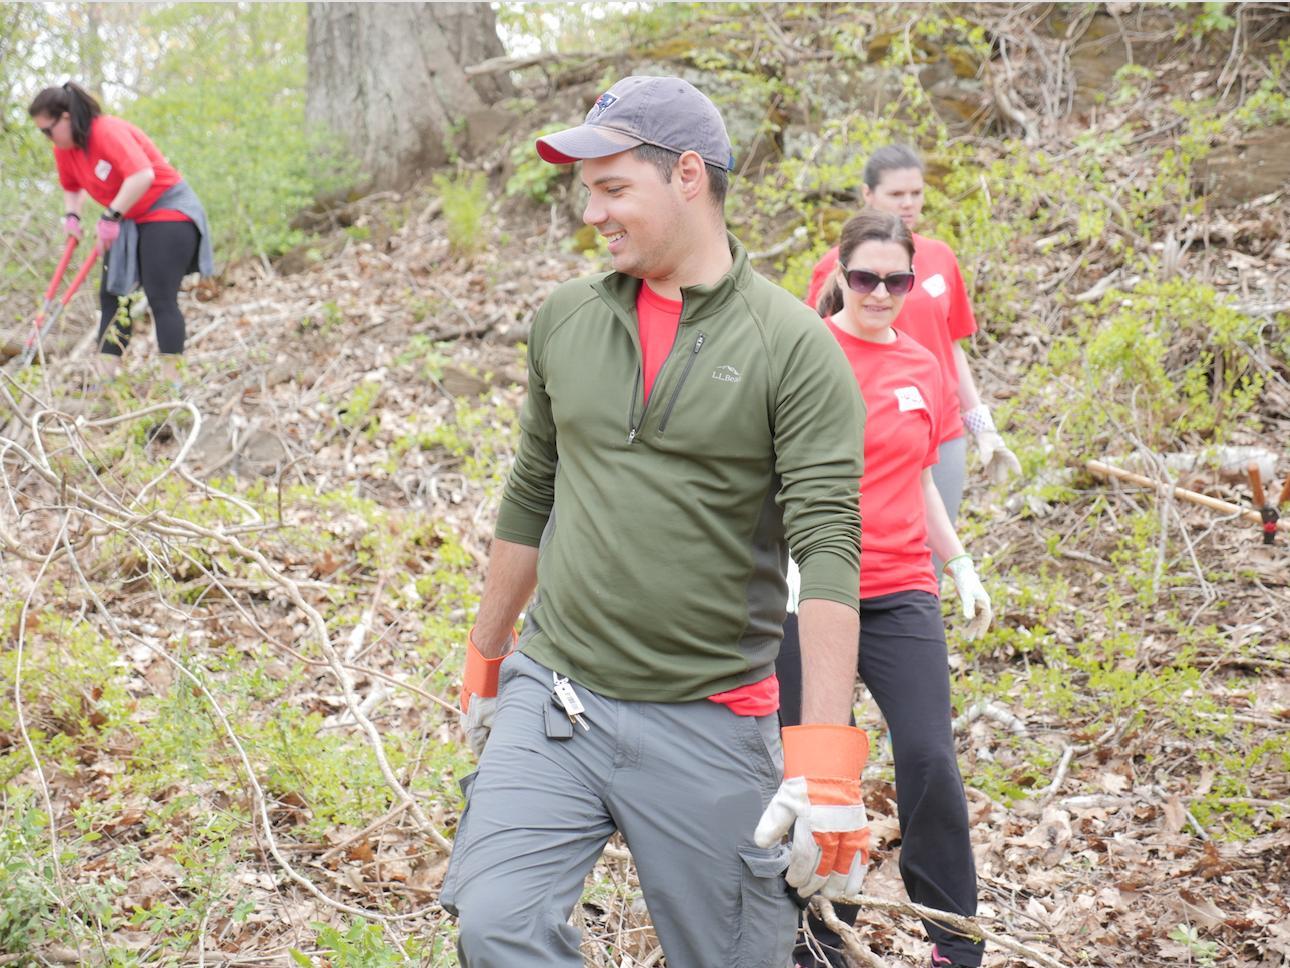 WEX employees volunteering in the woods